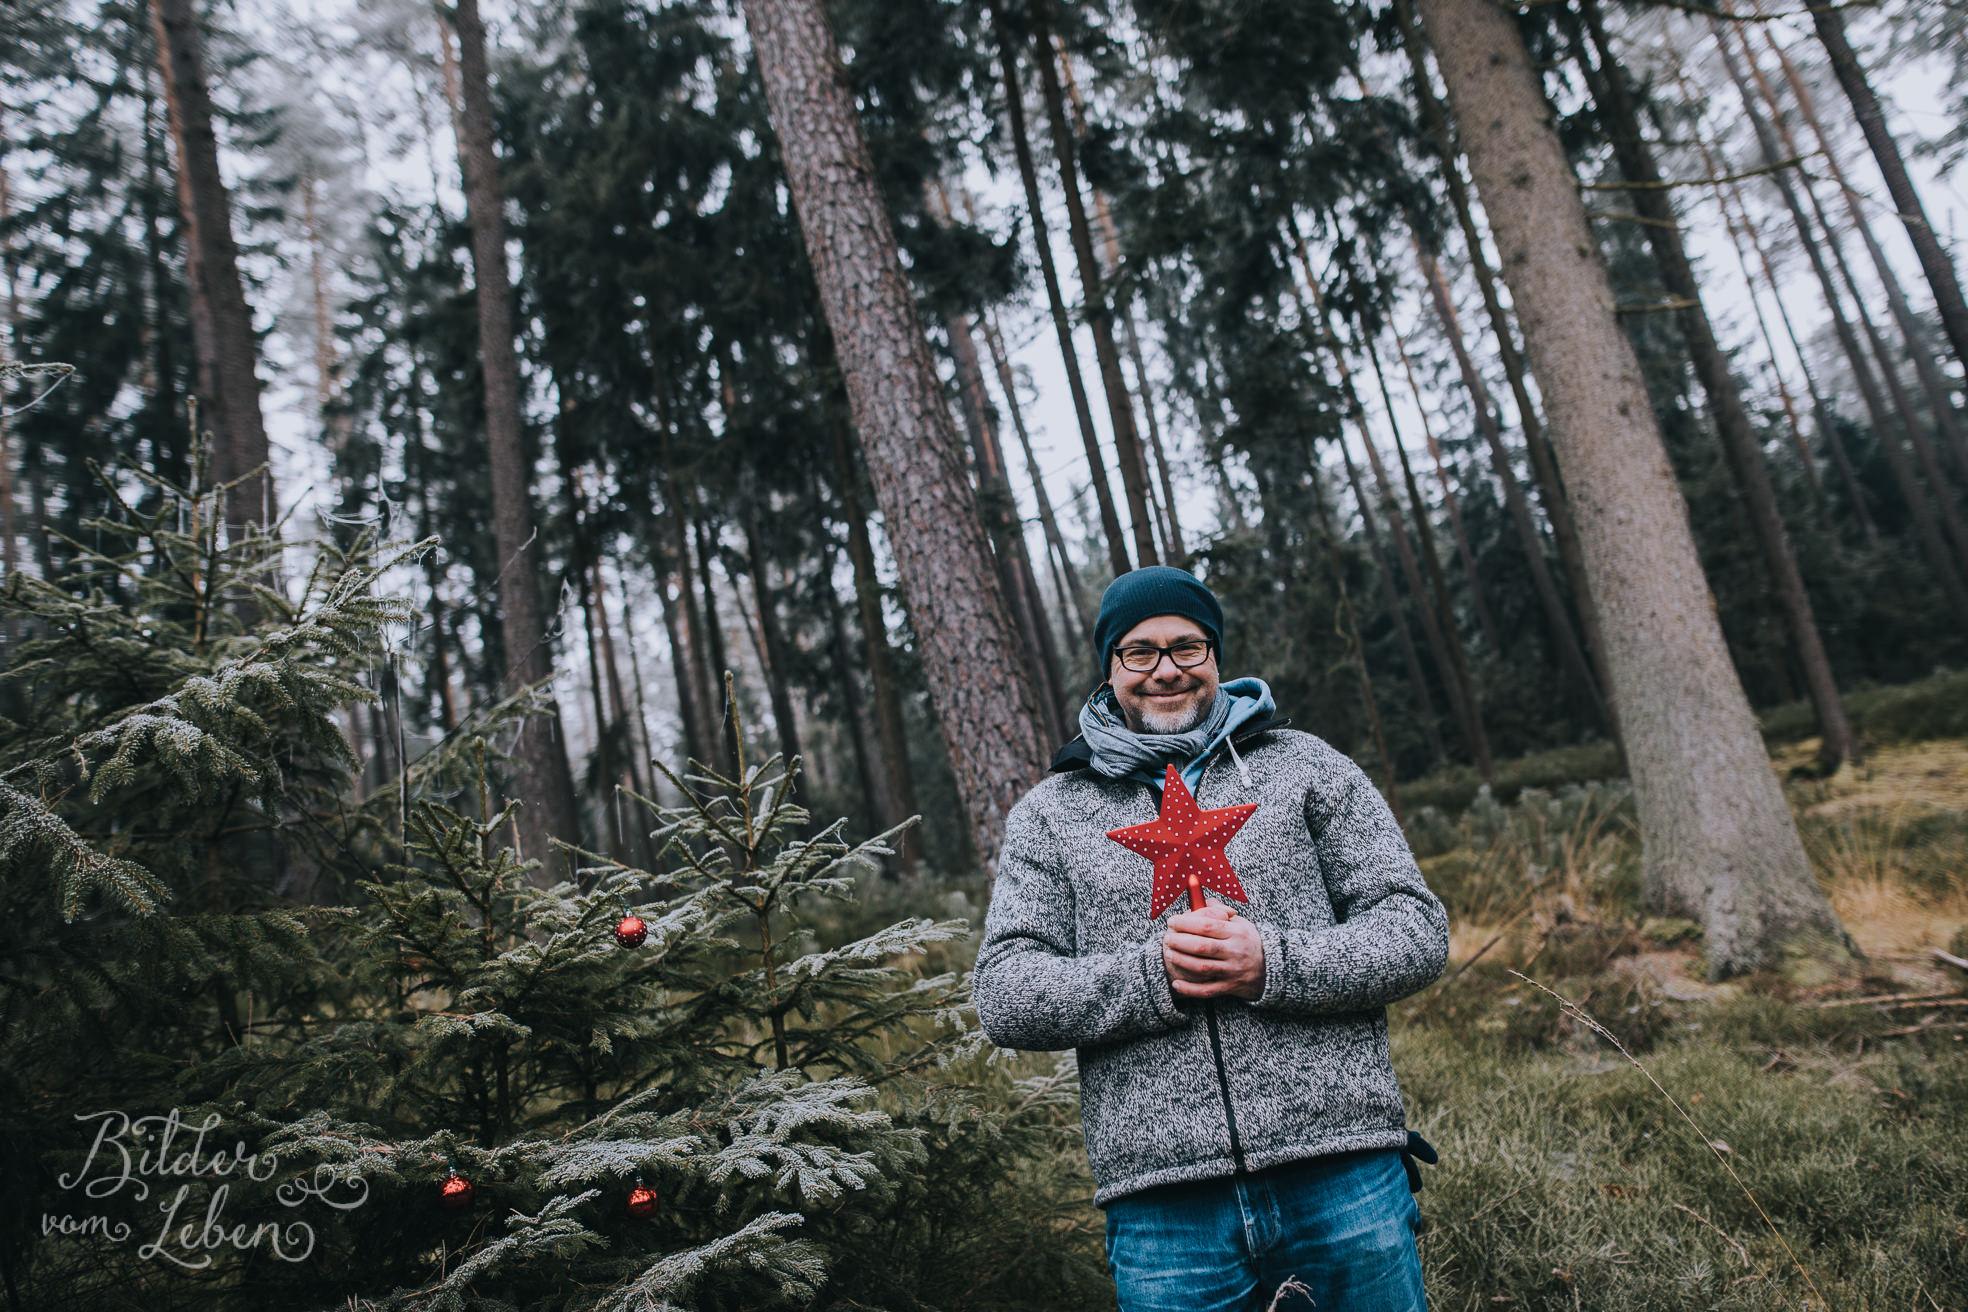 0014weihnachten-bildervomleben-imc39495